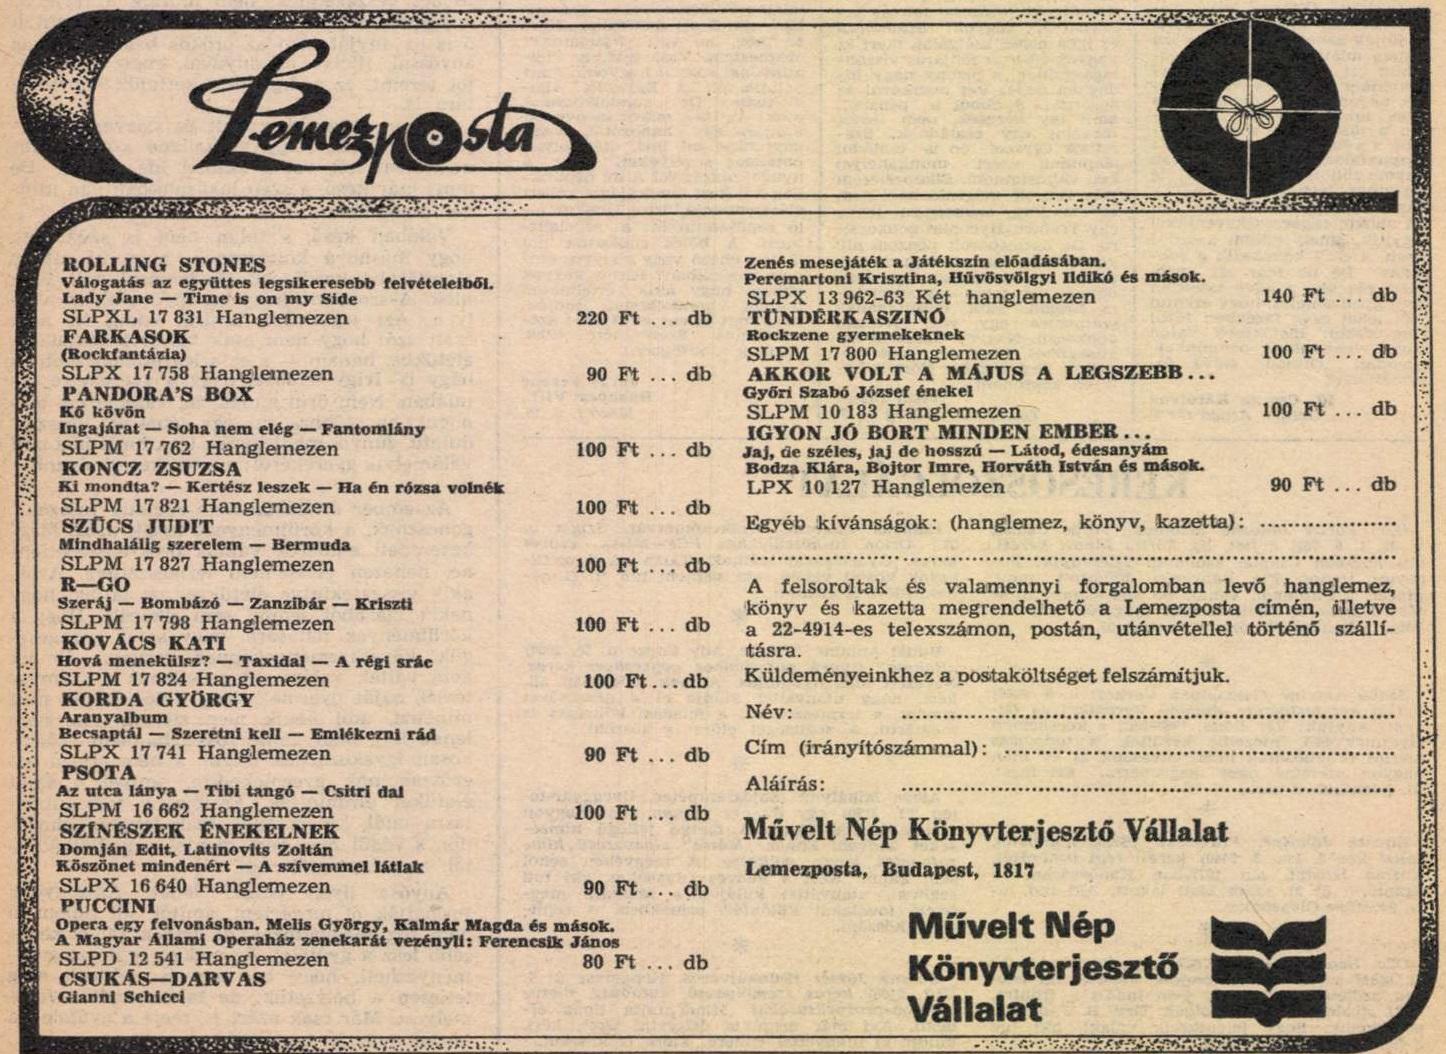 idokapszula_nb_i_1983_84_oszi_zaras_merlegen_az_alsohaz_reklam_2.jpg